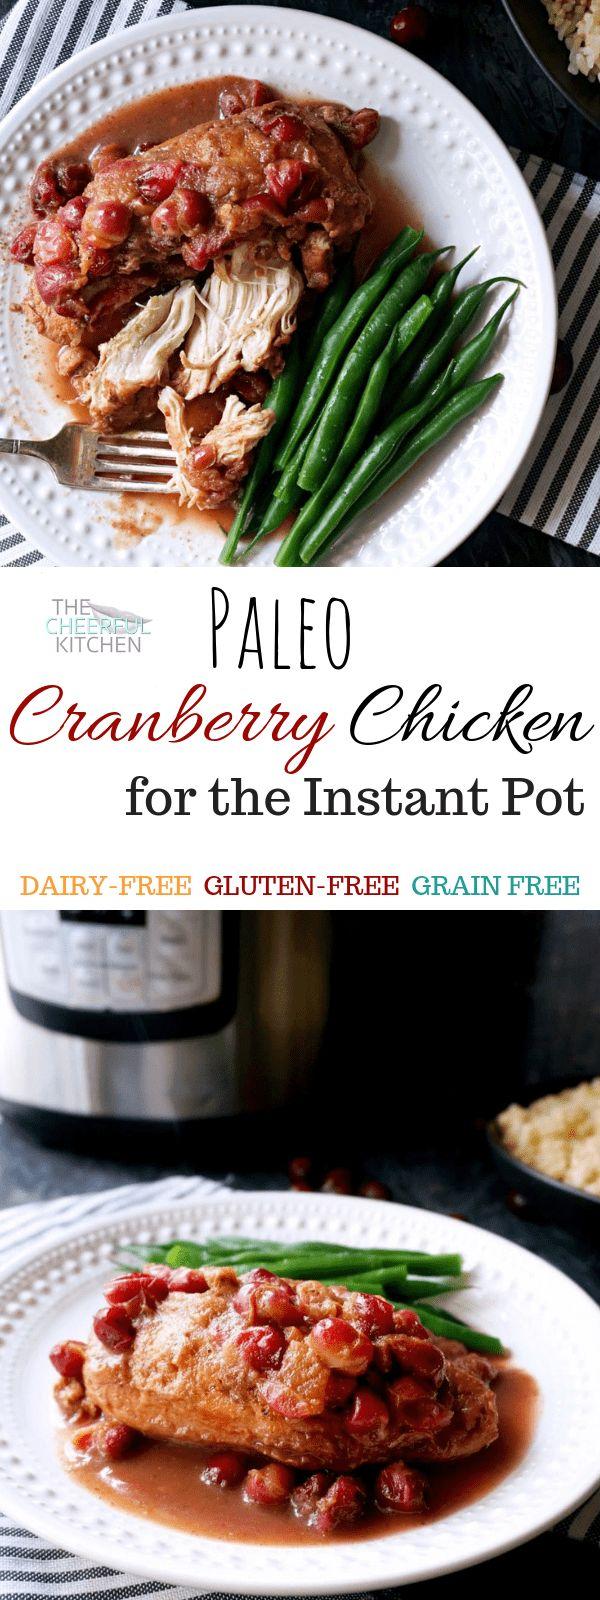 Paleo Cranberry Chicken für den Instant Pot ist ein Vollwertgericht, das …